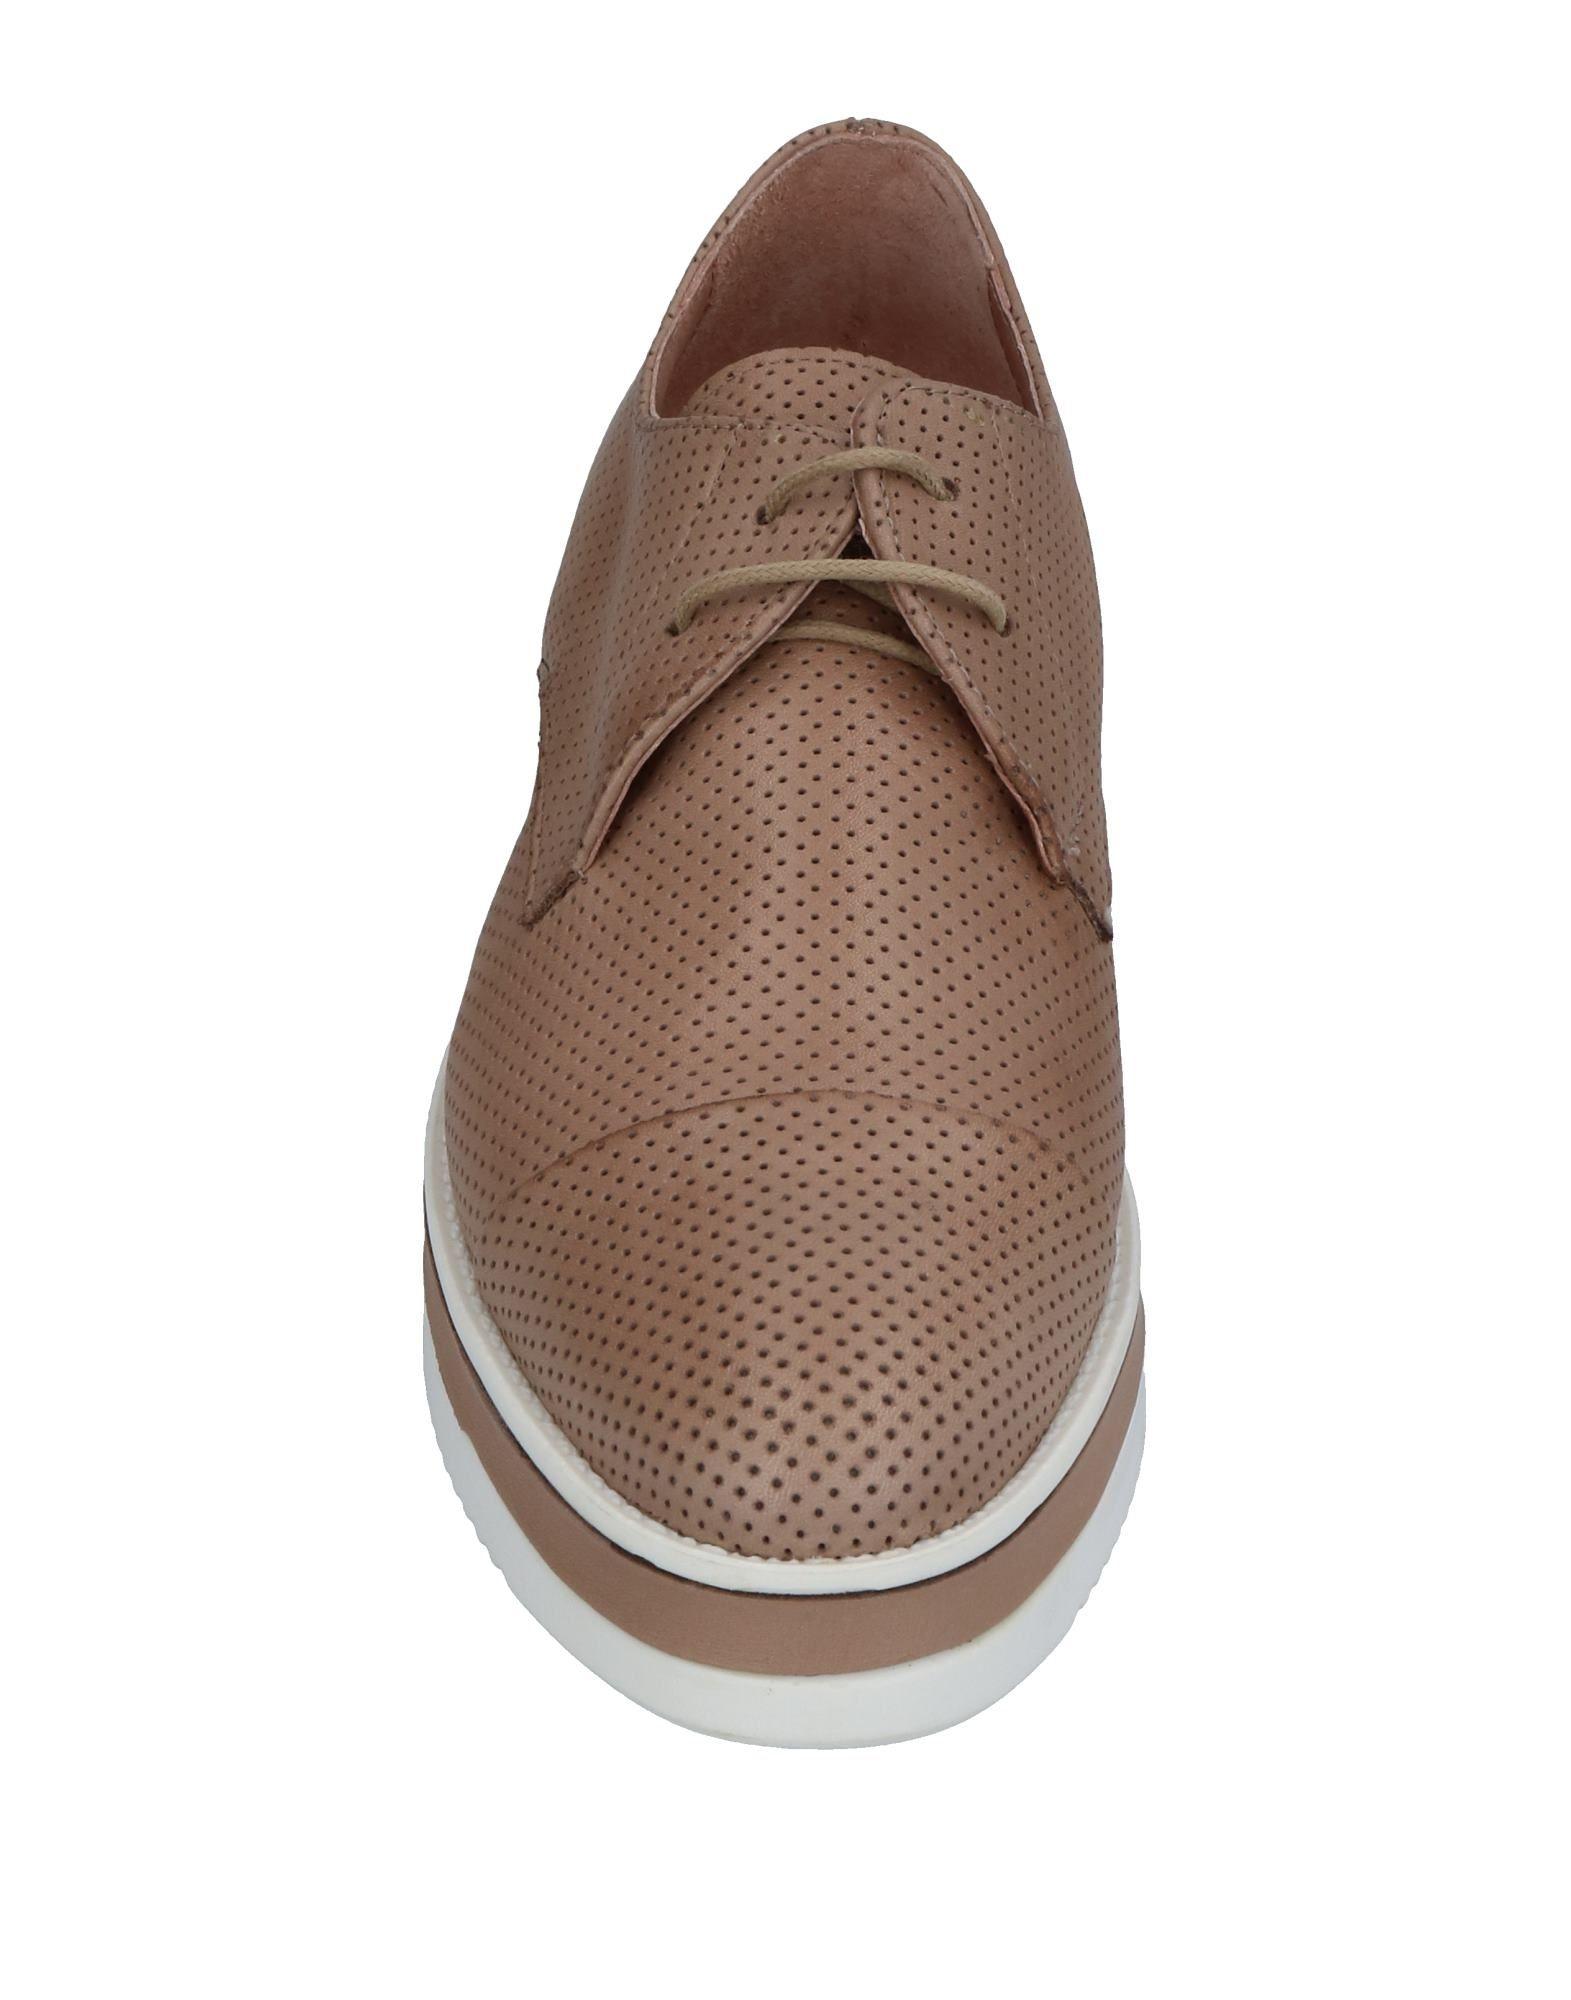 Chaussures À Lacets Piampiani Femme - Chaussures À Lacets Piampiani sur